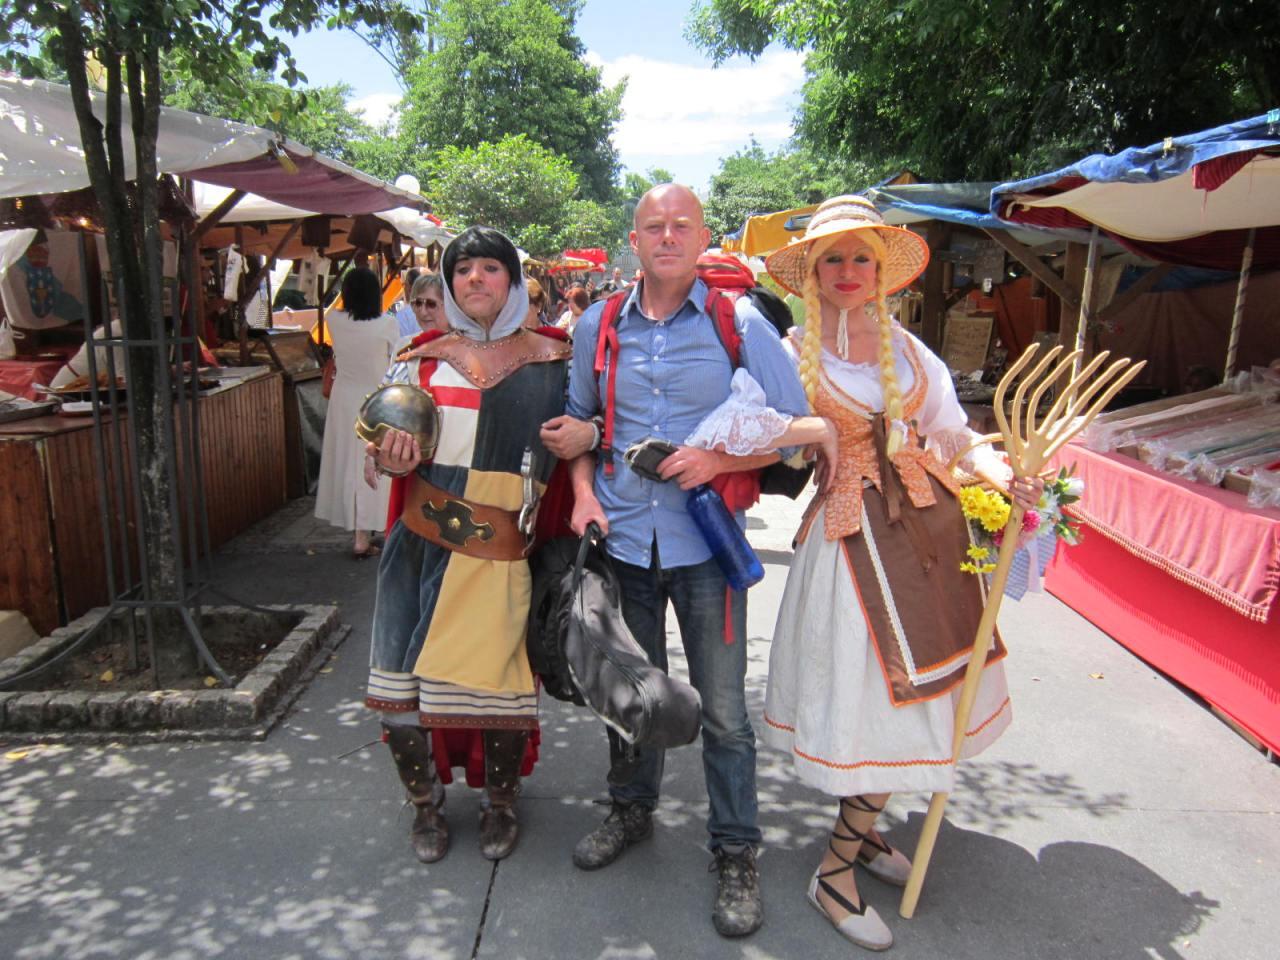 Fiesta in Sarria